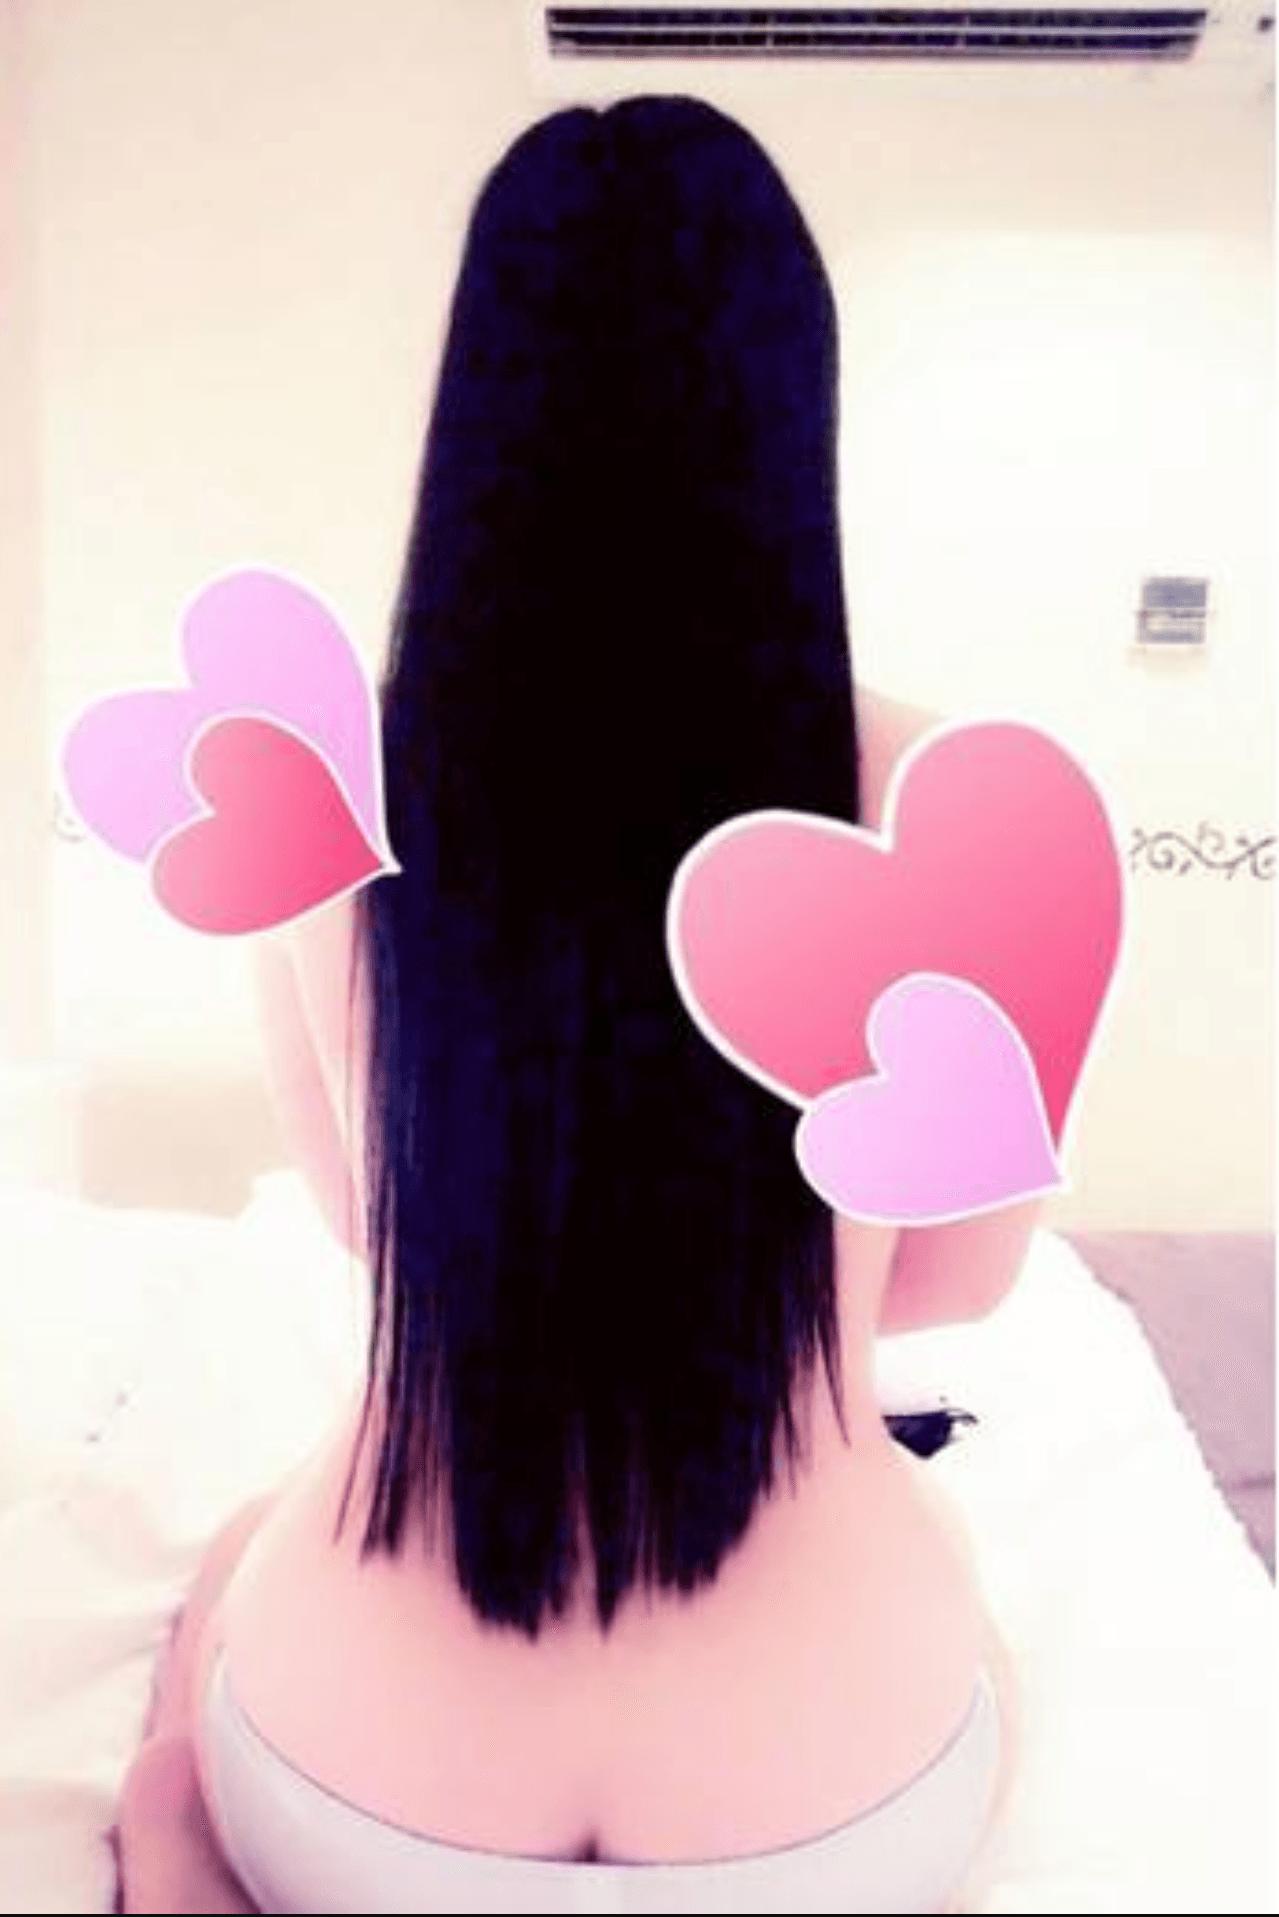 「*〜ありがとうございました〜*」10/20(日) 05:19   新人★藤咲 魅惑の黒髪ドS痴女の写メ・風俗動画